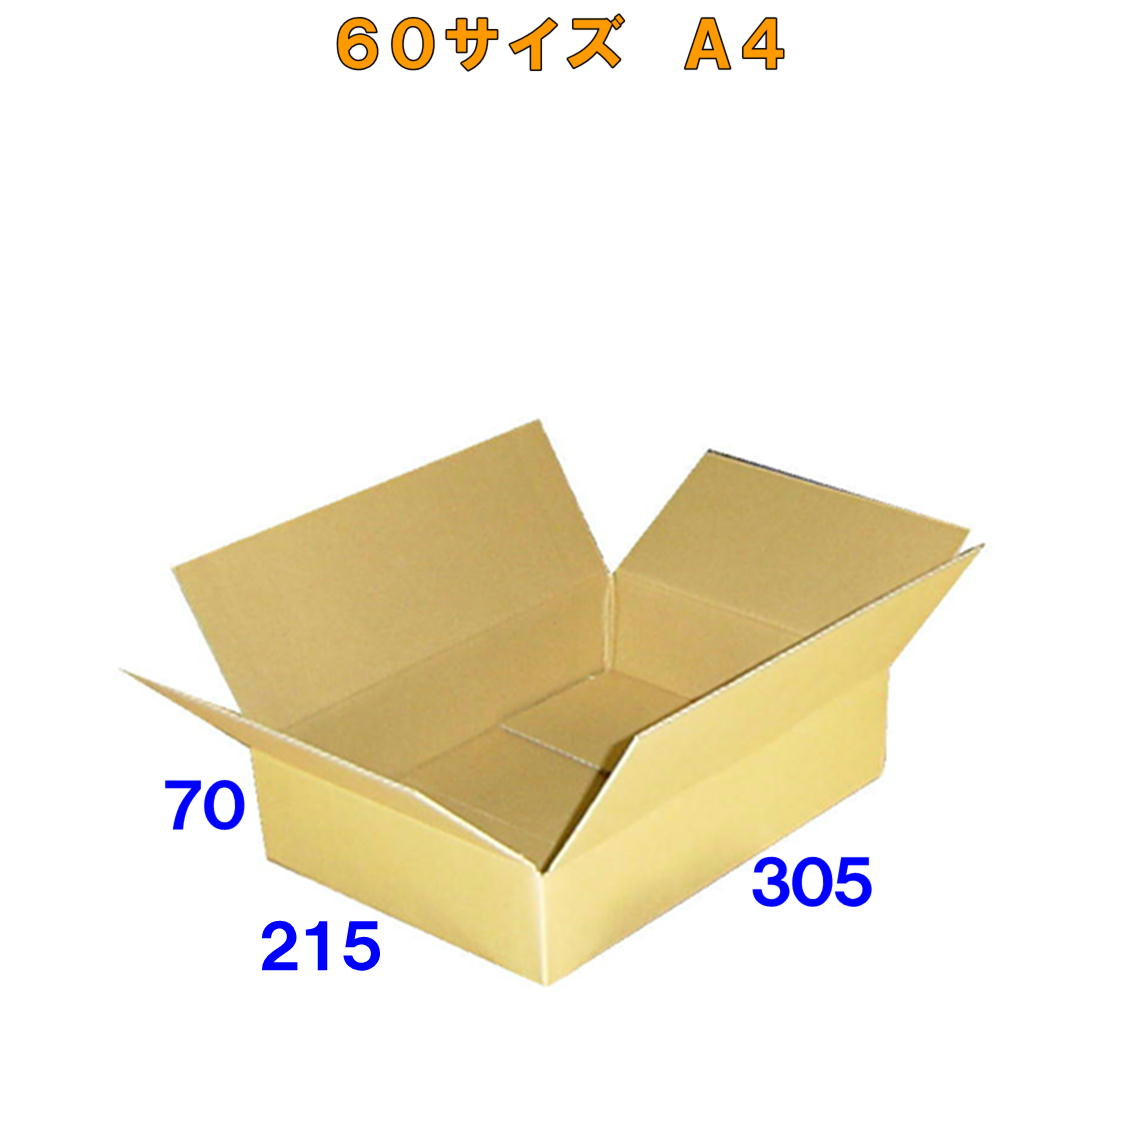 送料無料 60サイズ段ボール箱100枚 A4対応です 宅急便 宅配便 ゆうパックに あす楽 本店 贈答品 箱 ダンボール 100枚 底面 A4※この商品はヤマト運輸での配送です※ 60サイズ